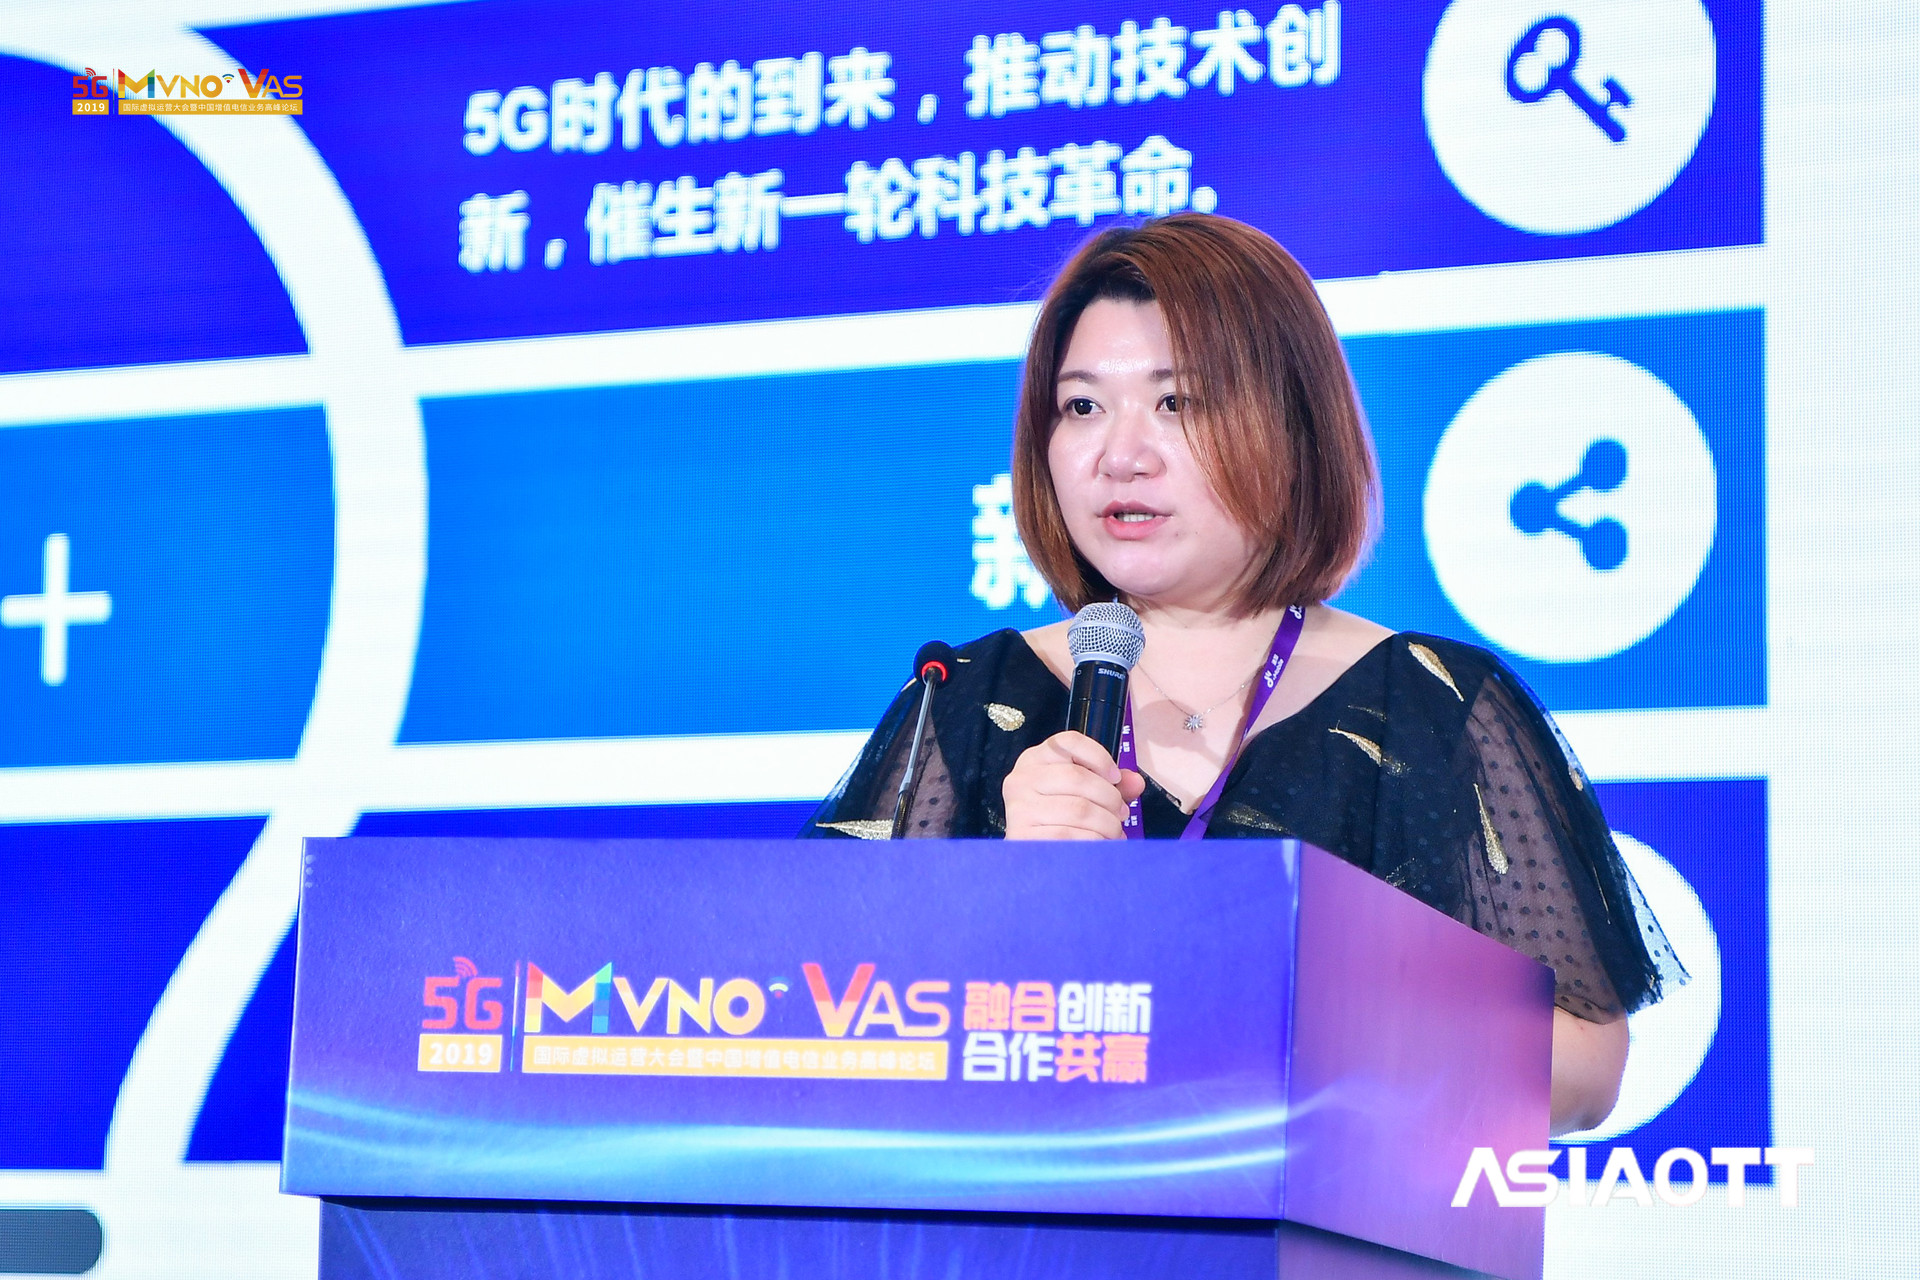 东云技术王健:金融欠款类普遍存在用户恶意投诉,行业内不良竞争频繁